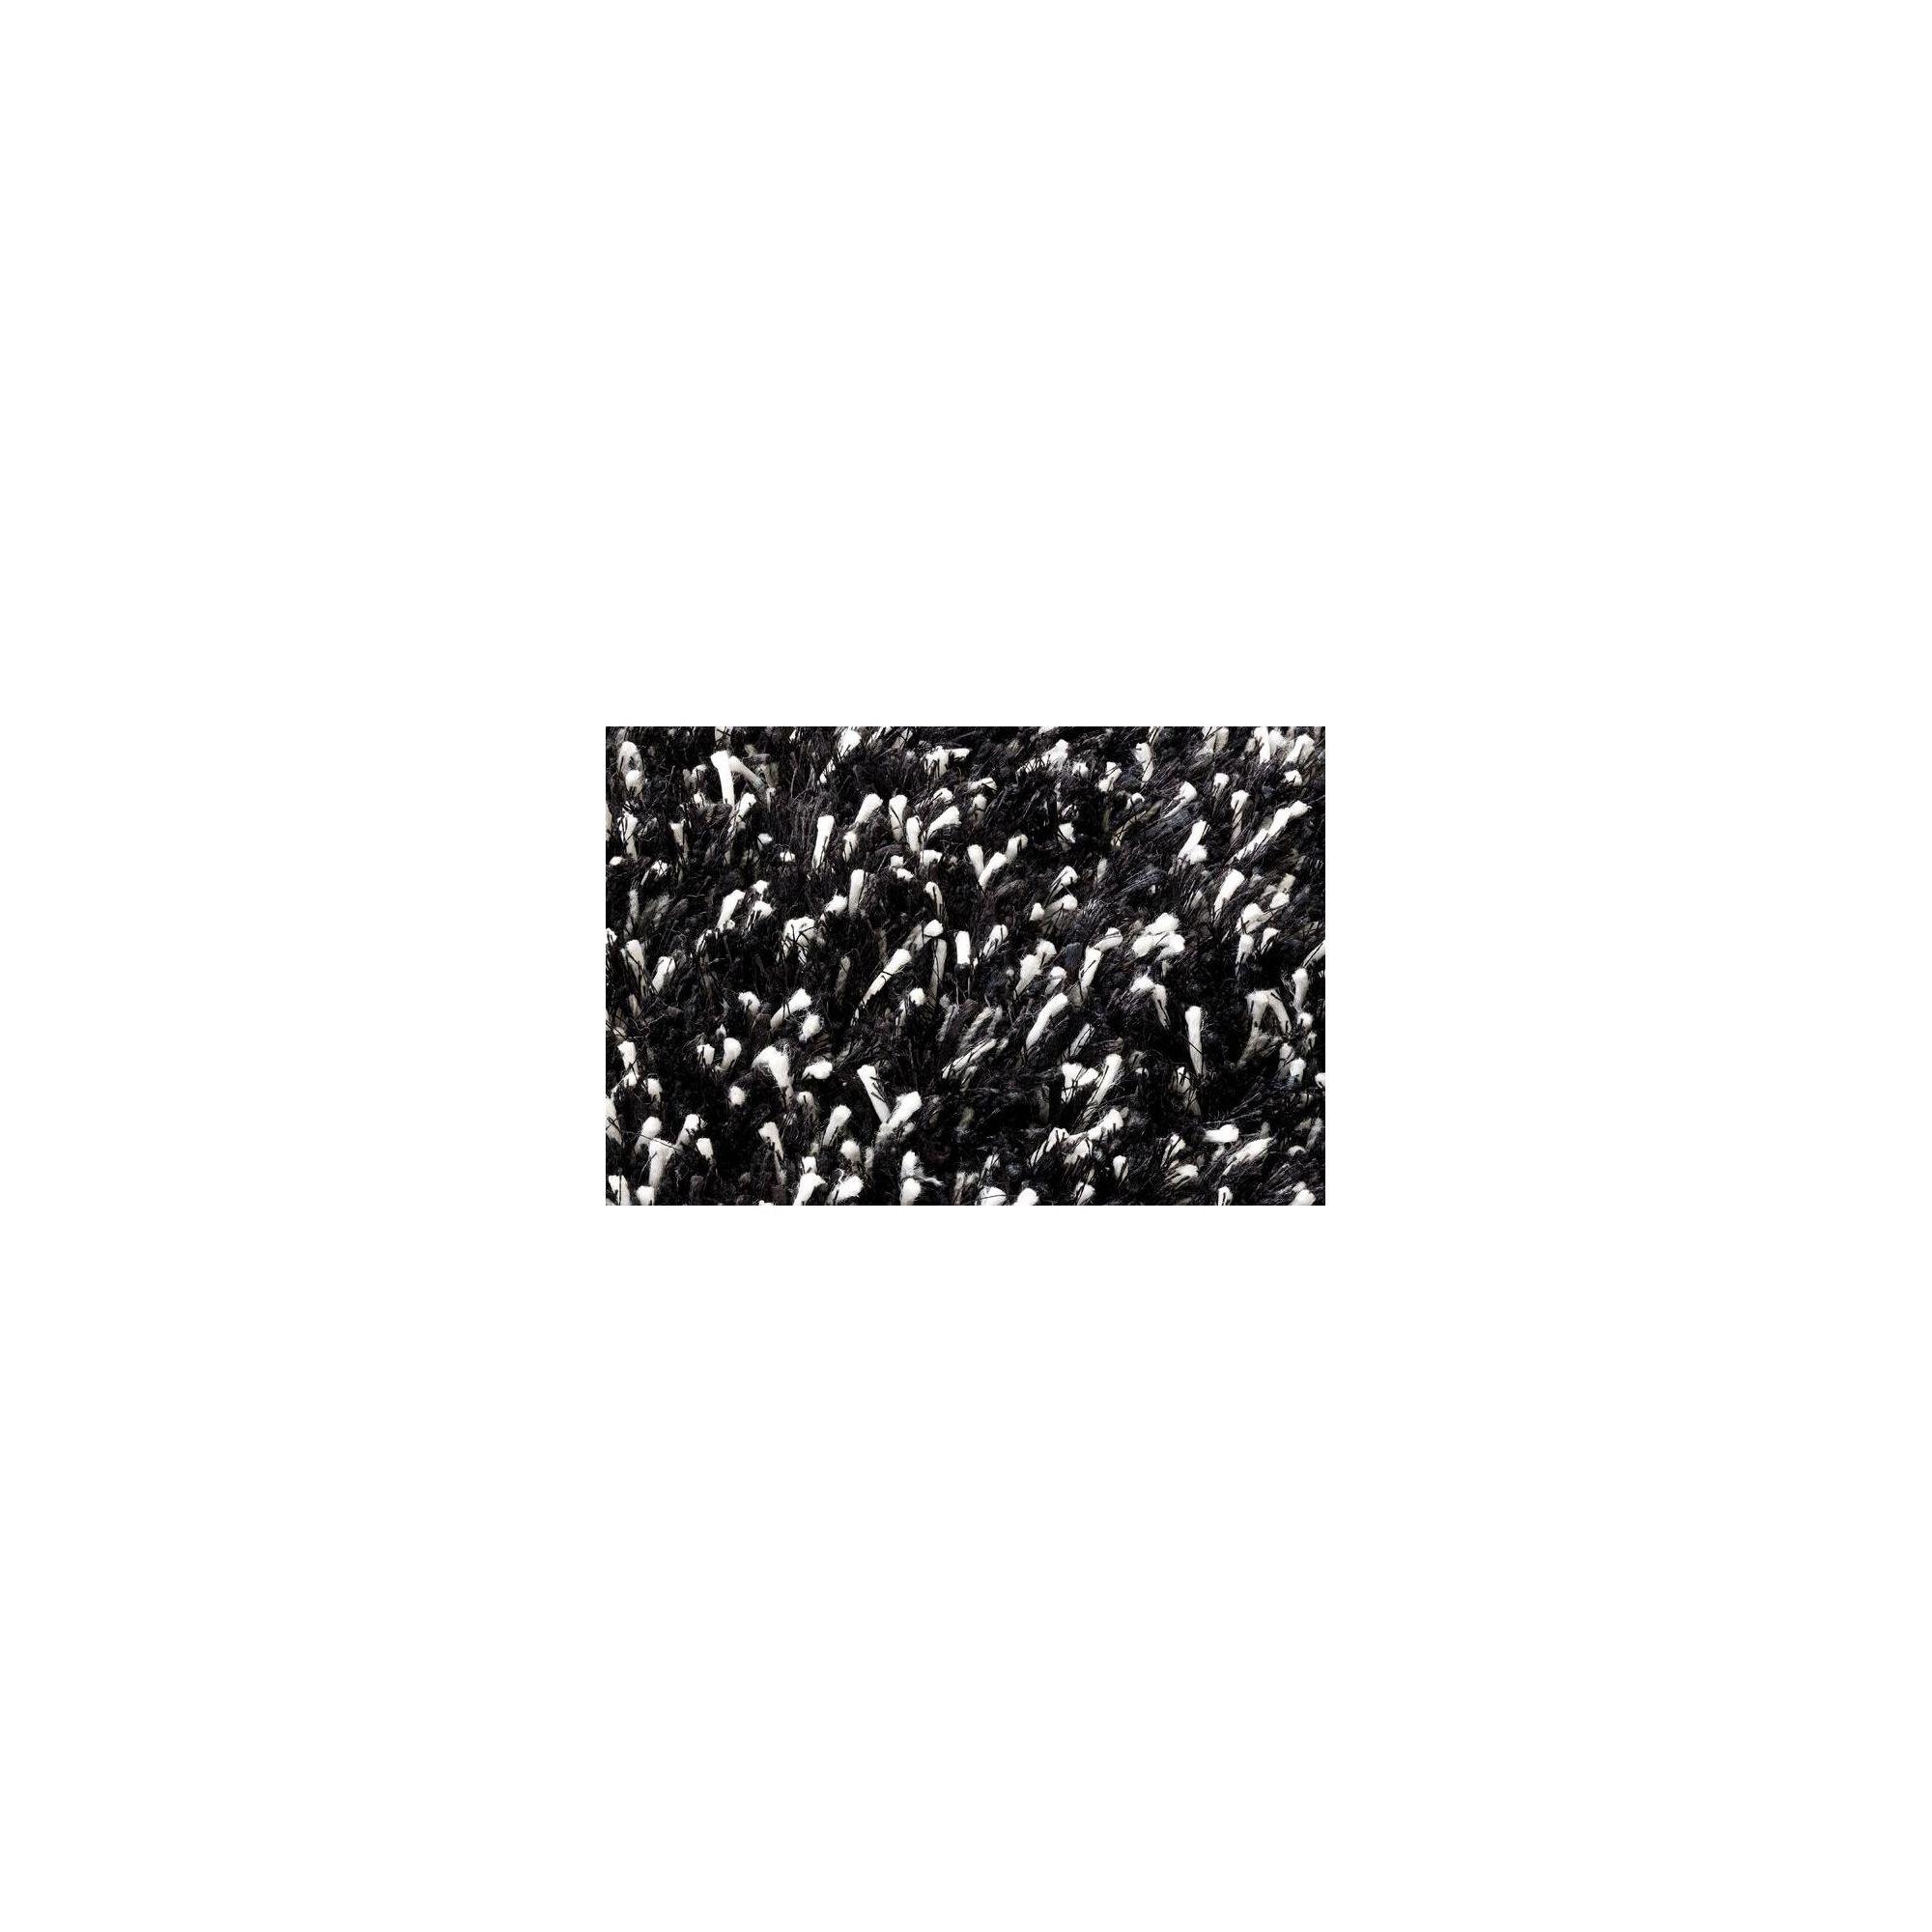 Linie Design Ronaldo Black Shag Rug - 240cm x 170cm at Tesco Direct